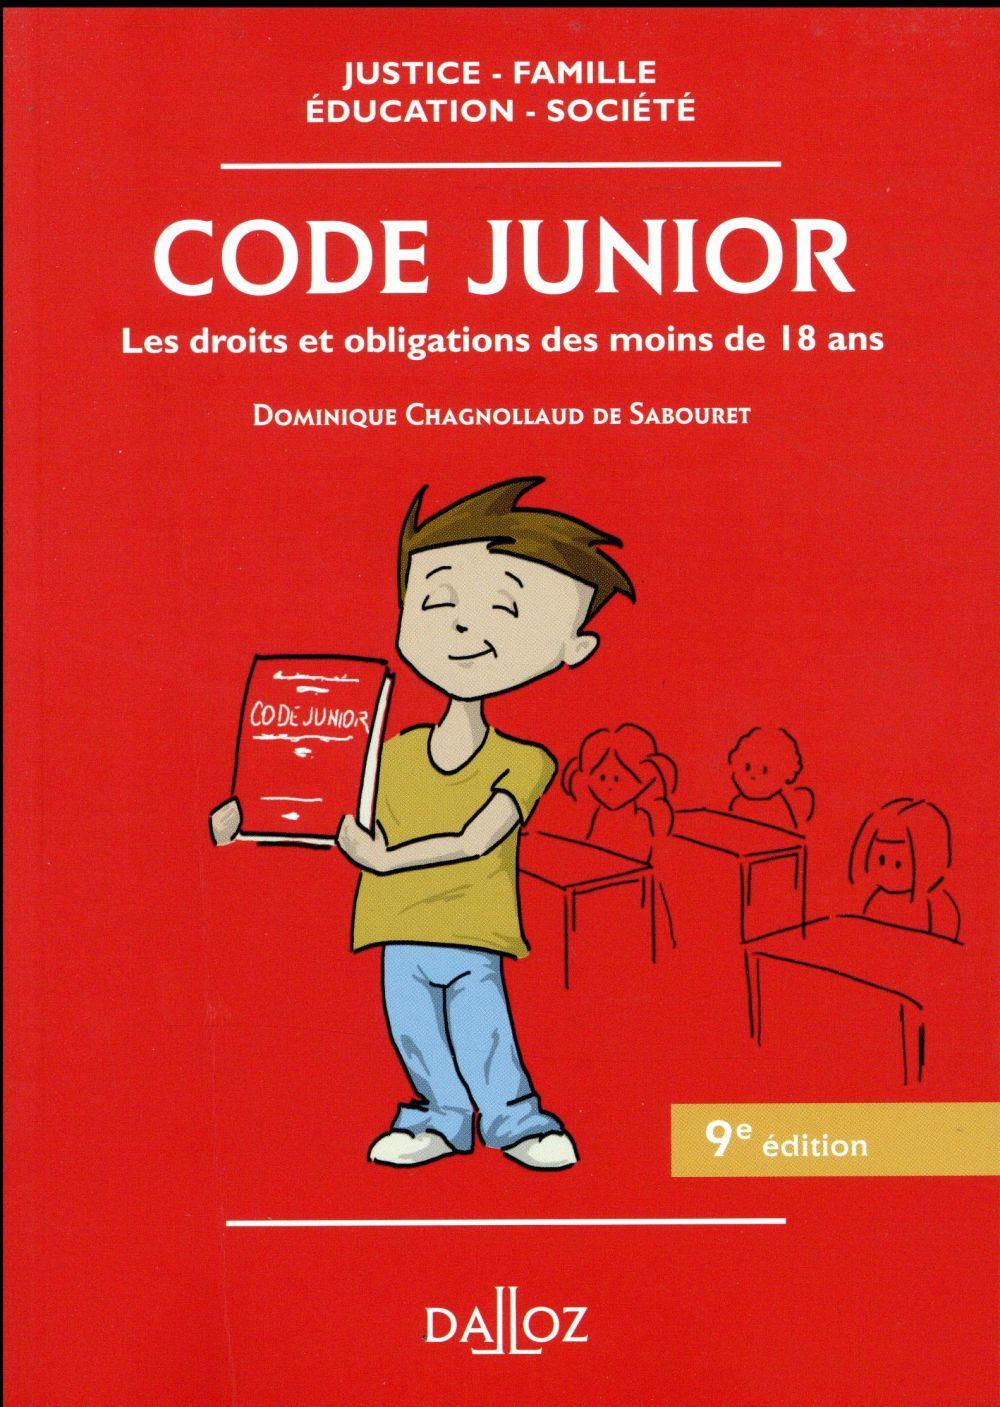 Code junior ; les droits et obligations des moins de 18 ans (9e édition)